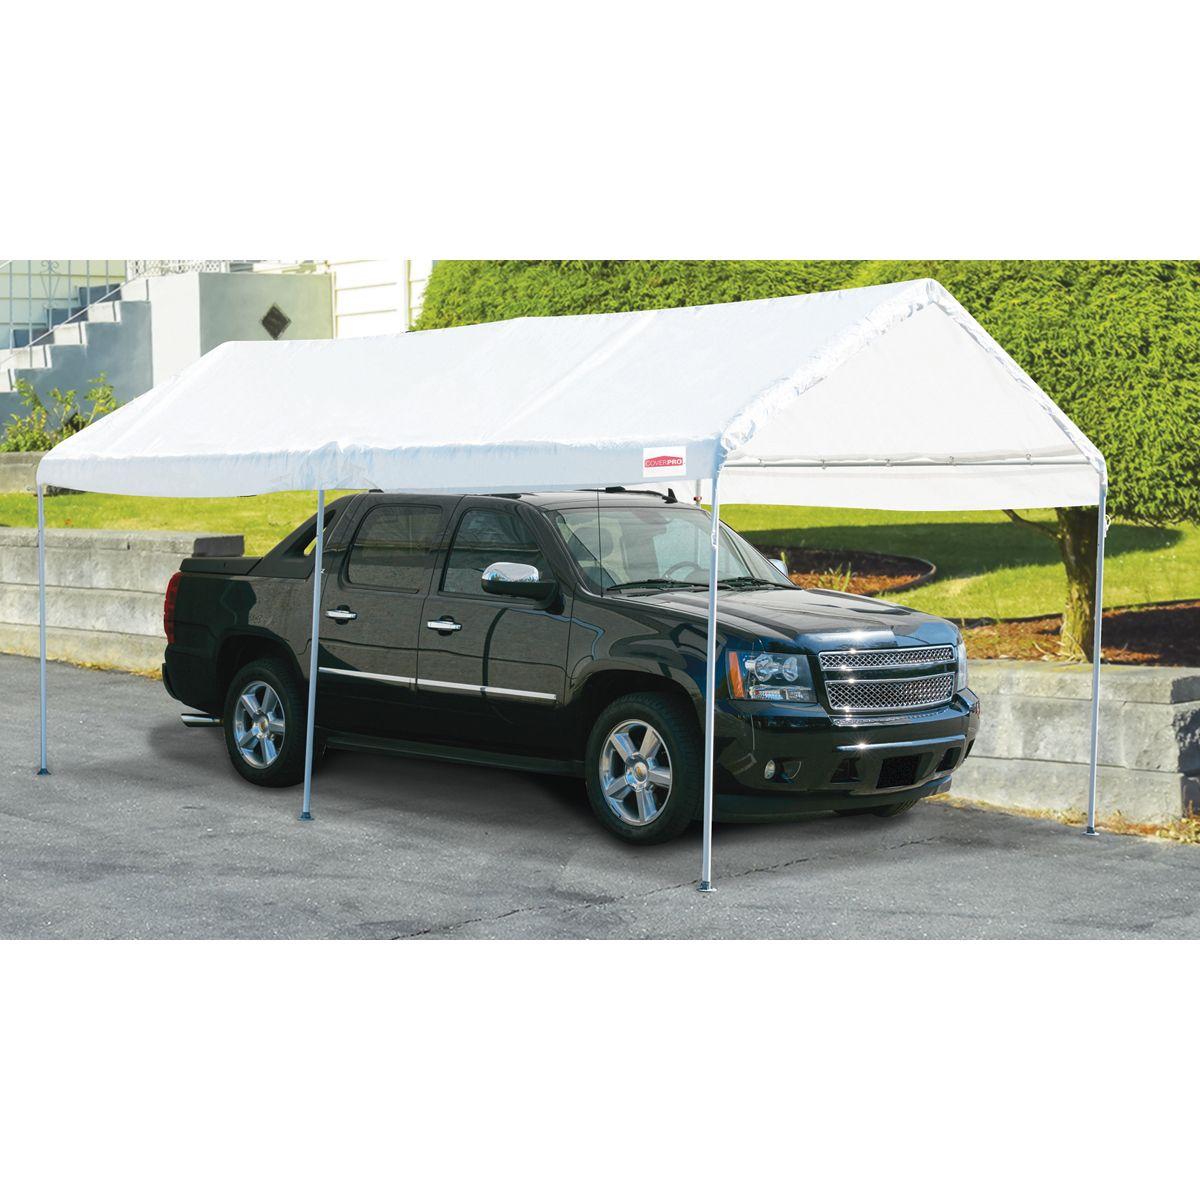 10 Ft. x 20 Ft. Portable Car Canopy Car canopy, Canopy